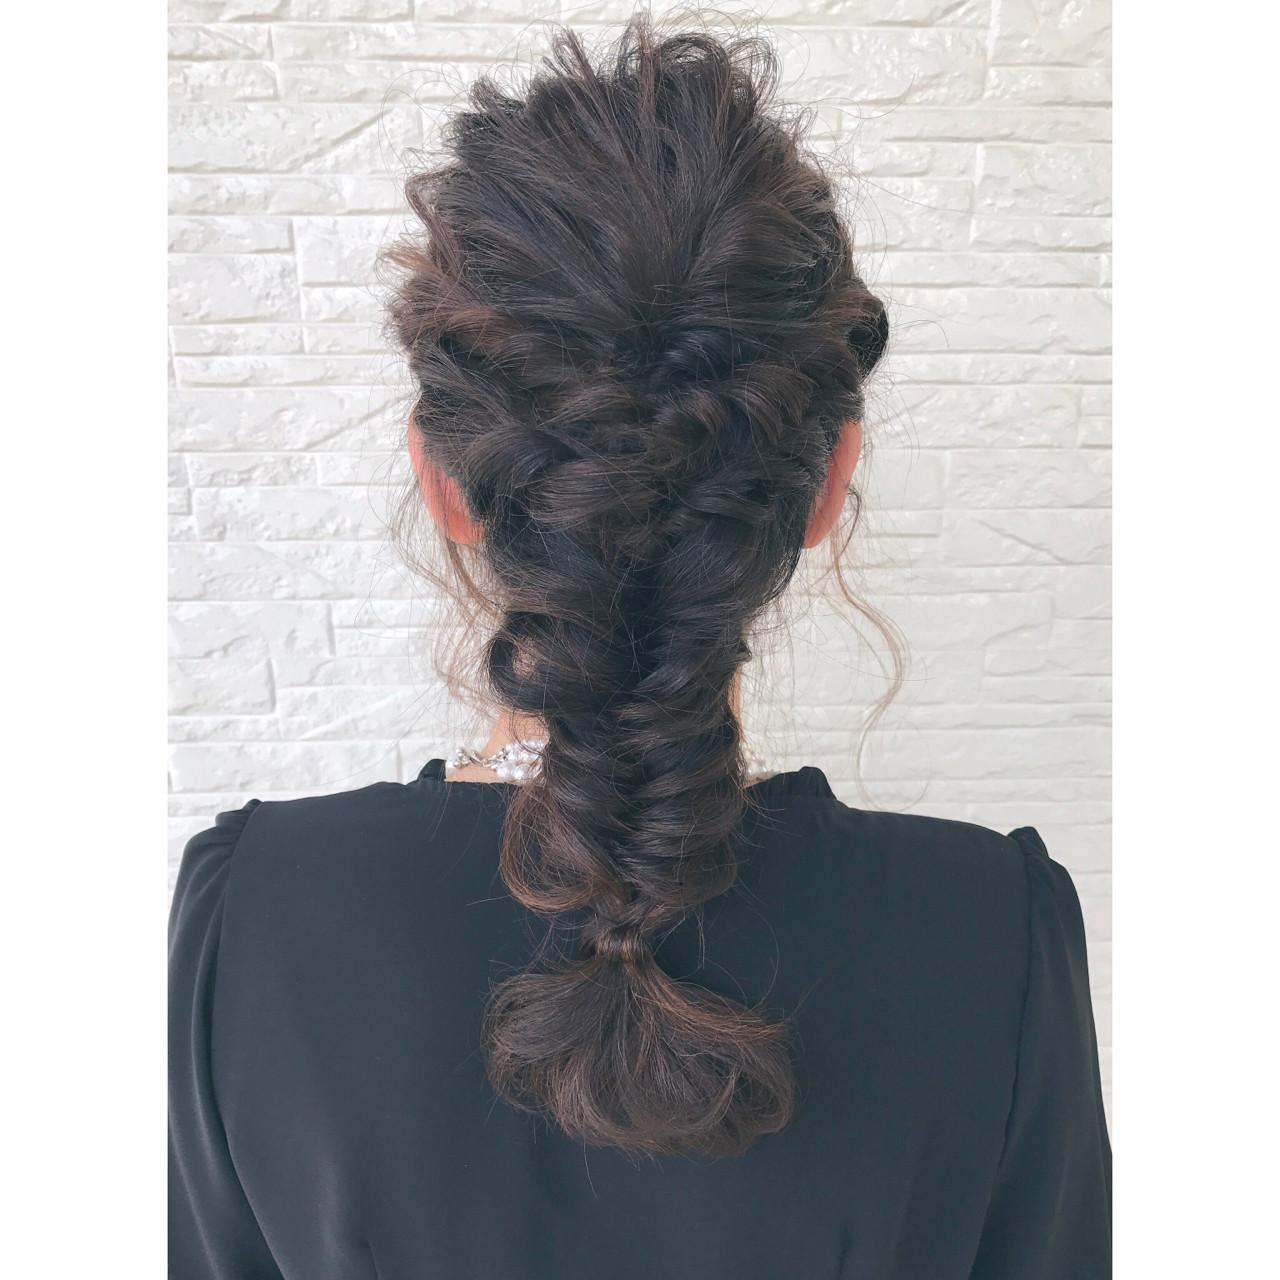 フィッシュボーン ロング ガーリー ヘアアレンジ ヘアスタイルや髪型の写真・画像